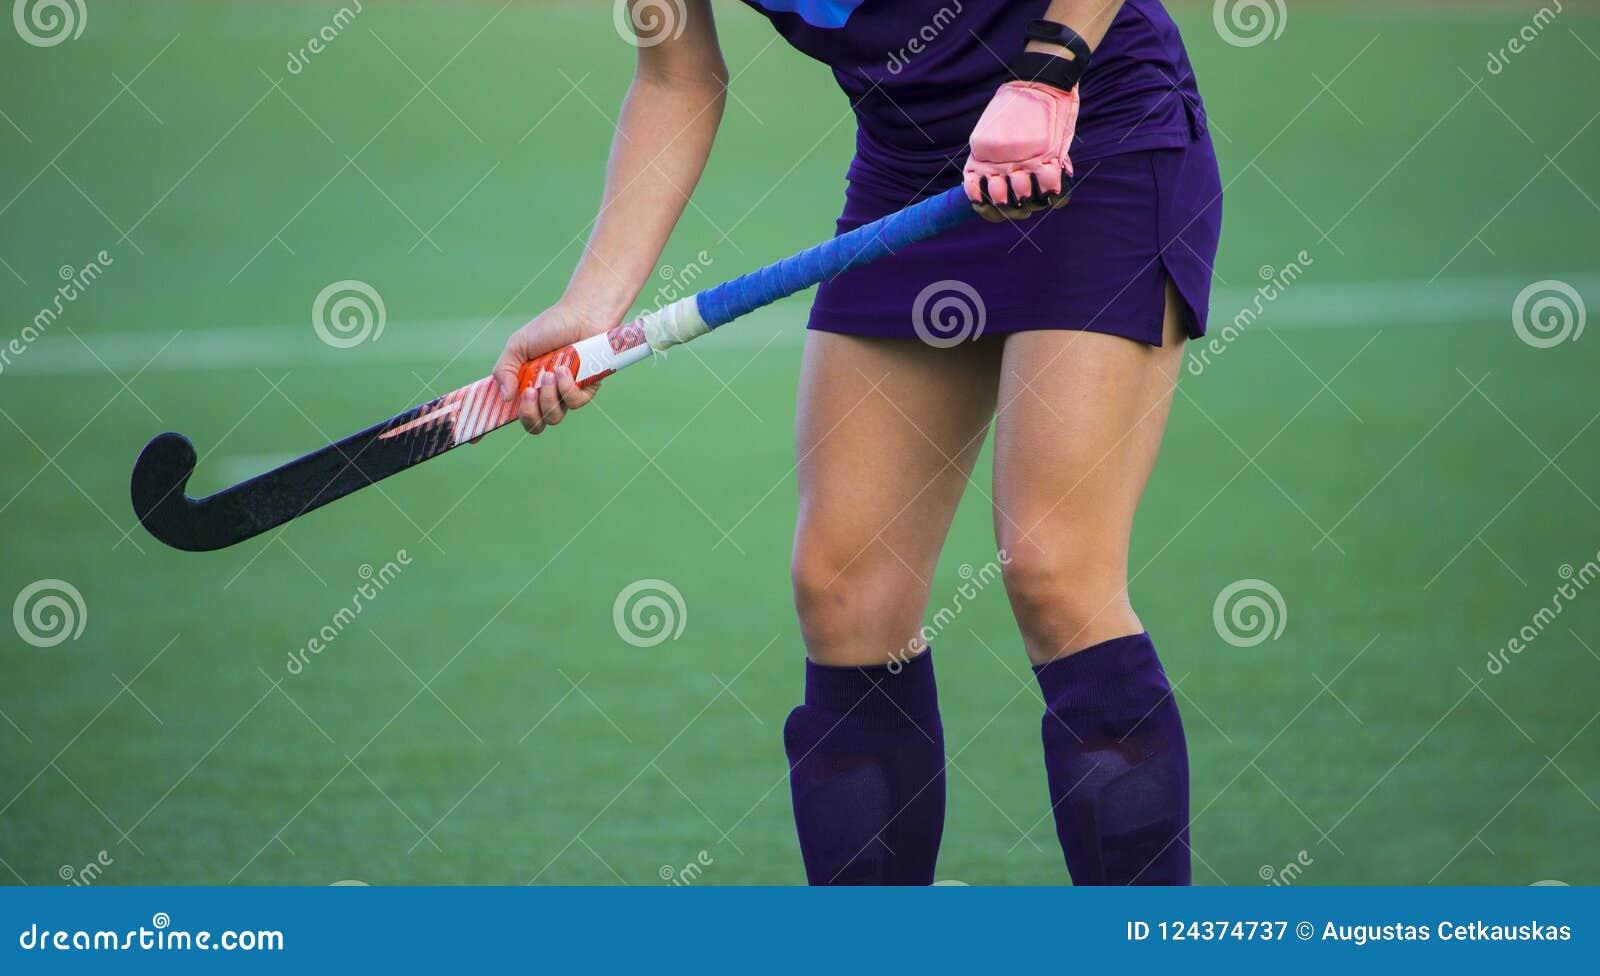 Giocatore di hockey su prato, in possesso della palla, investendo un passo del astroturf, cercante un compagno del gruppo per pas